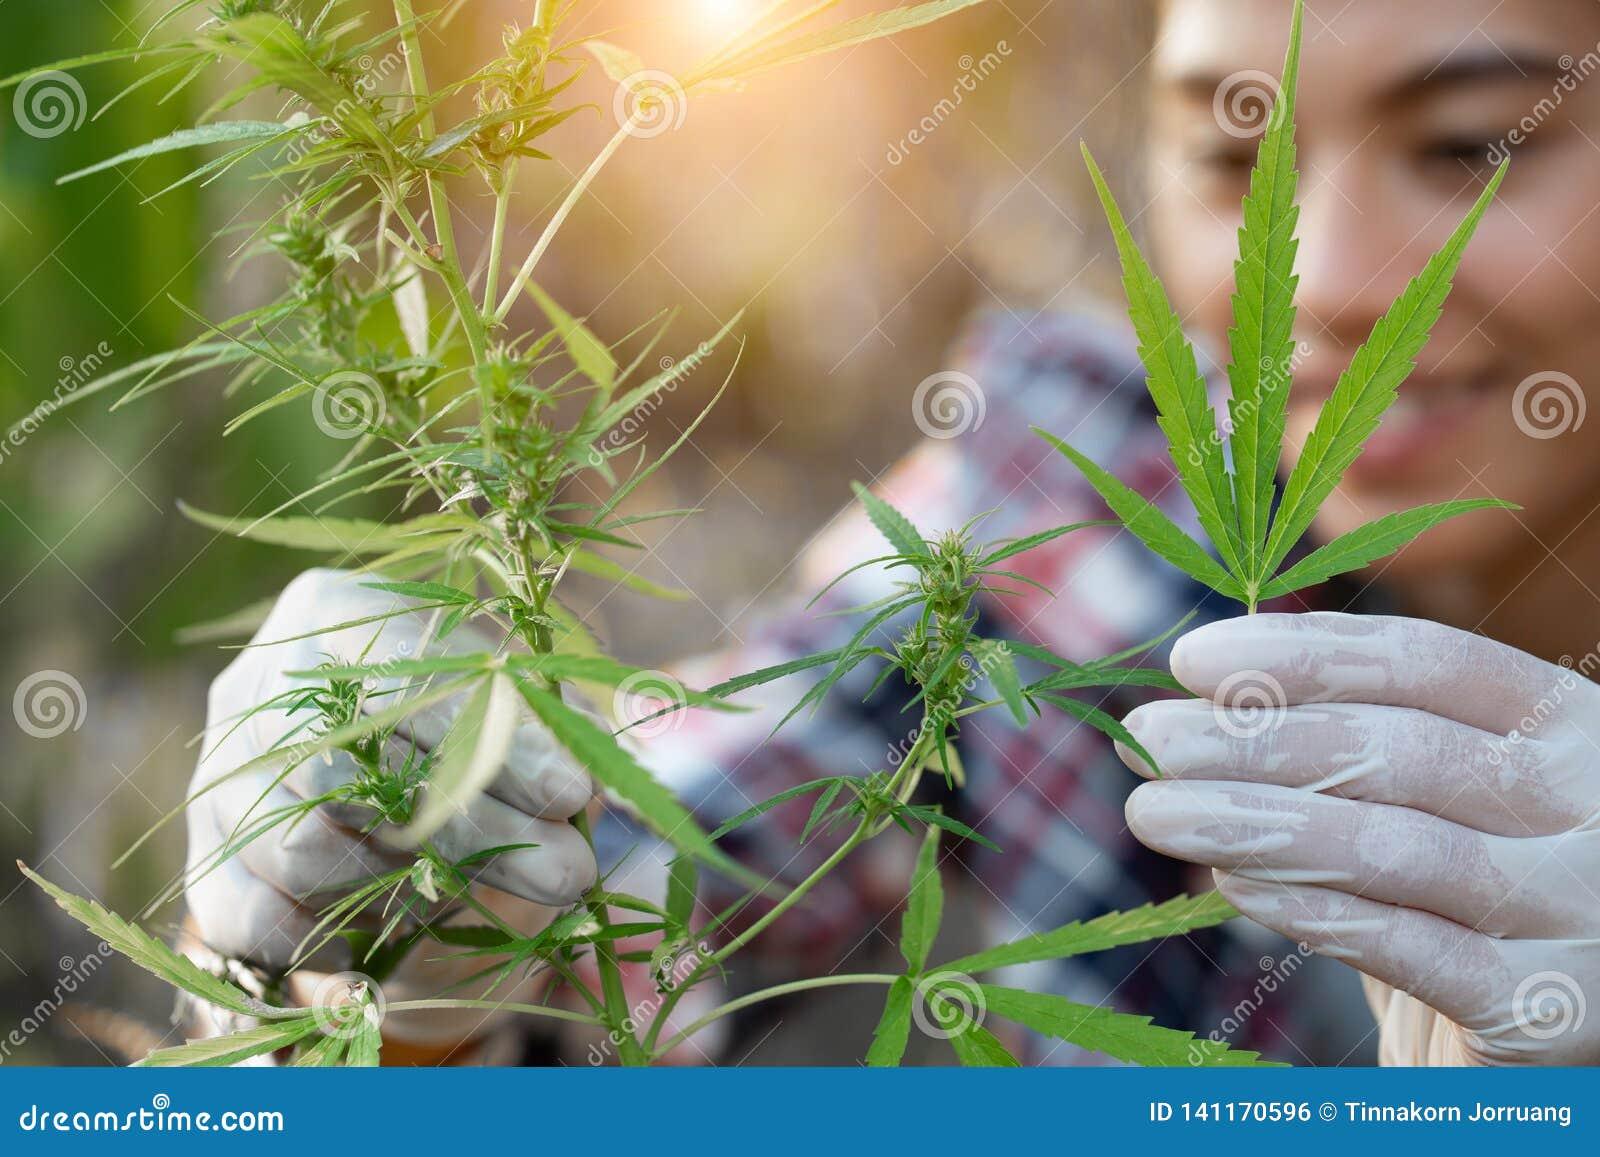 Os fazendeiros novos vestem luvas para verificar árvores da marijuana Conceito da medicina alternativa erval